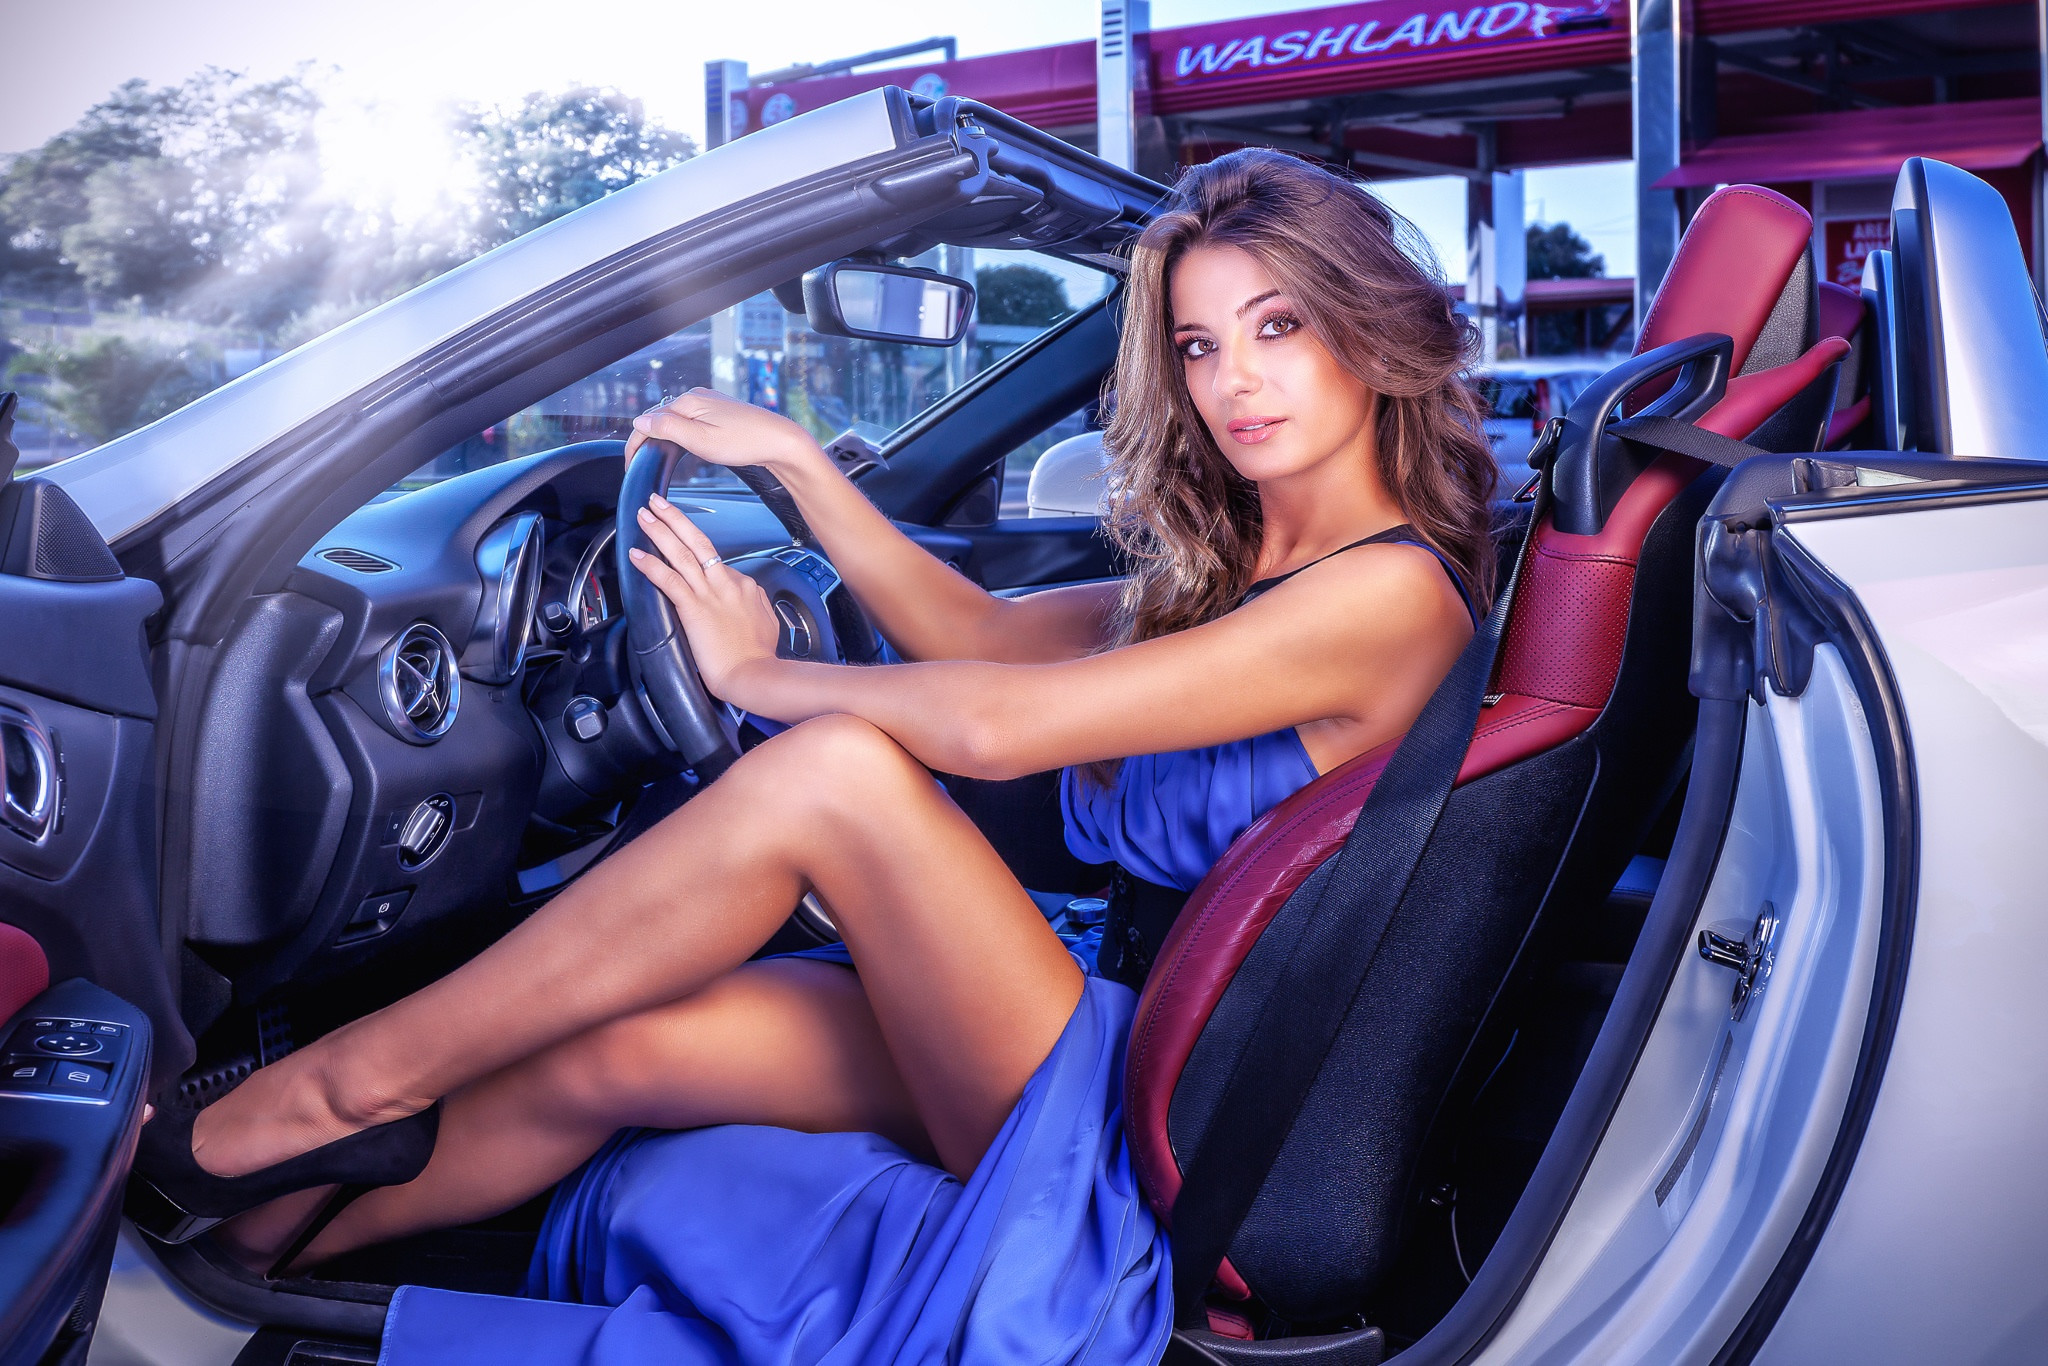 seksi-devushki-i-avto